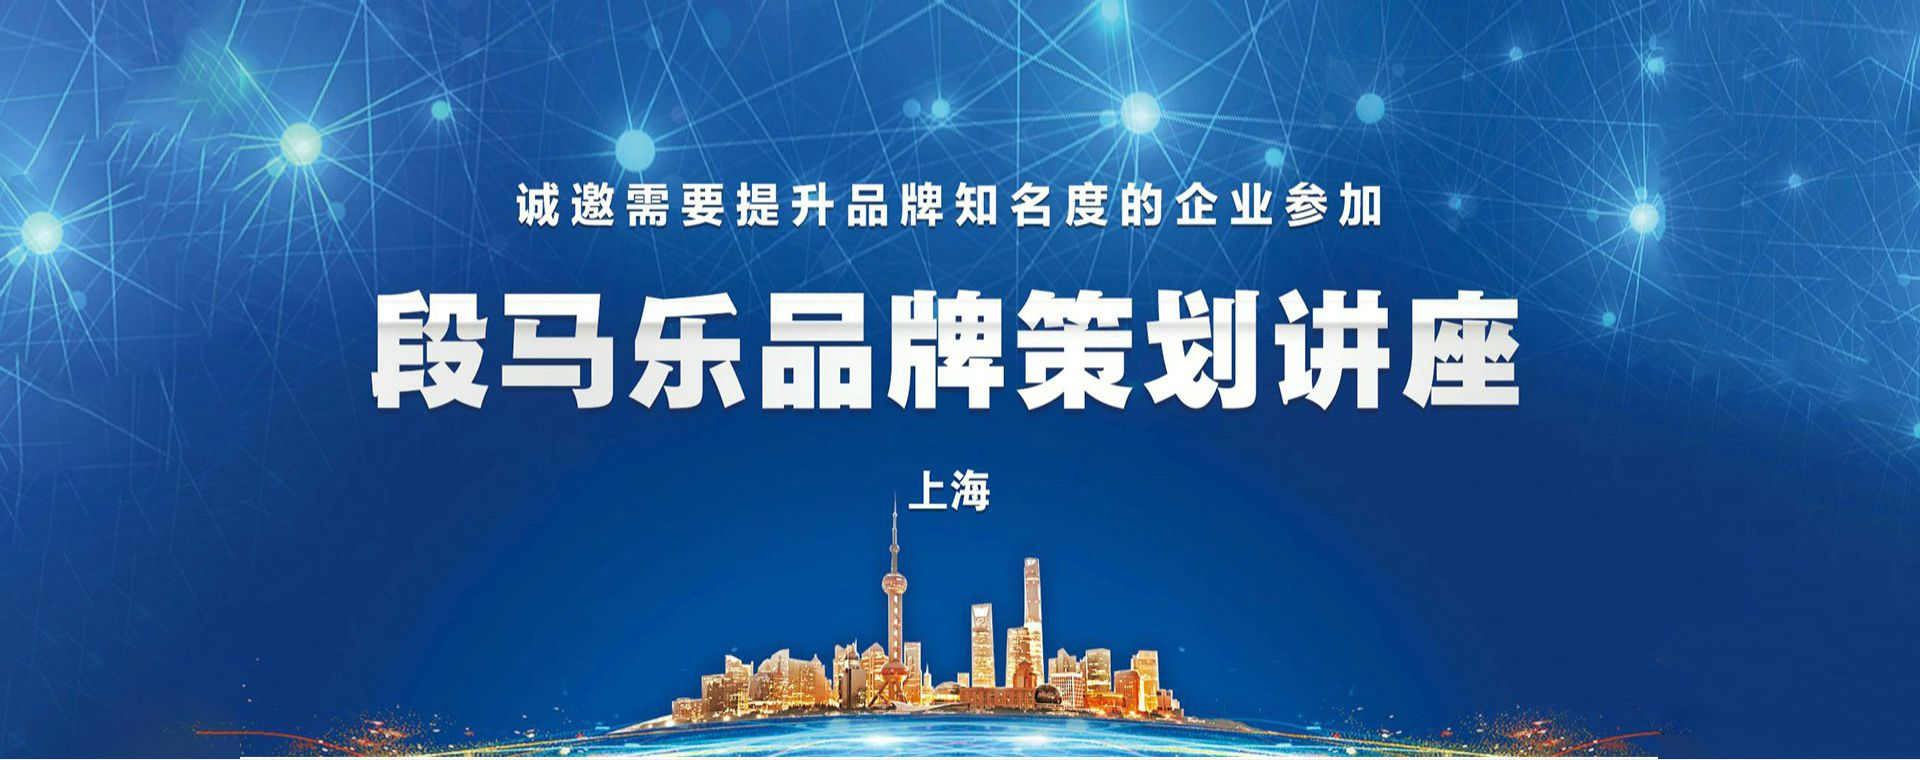 段龙8娱乐下载龙8国际最新网址策划讲座